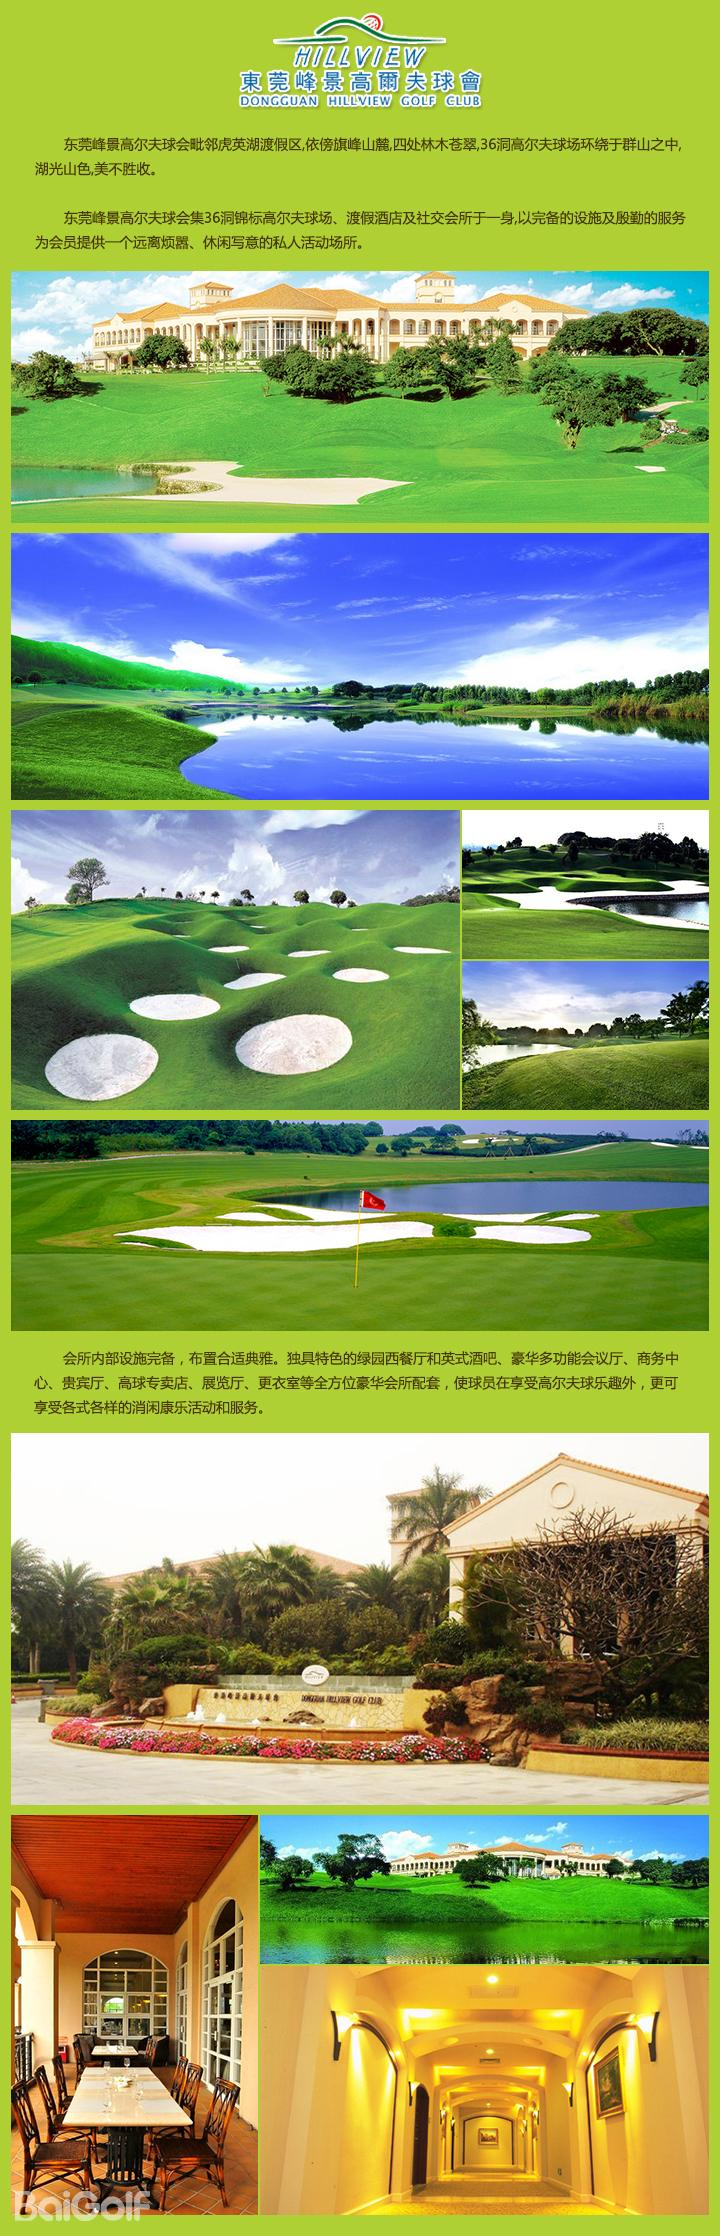 东莞峰会高尔夫球会介绍